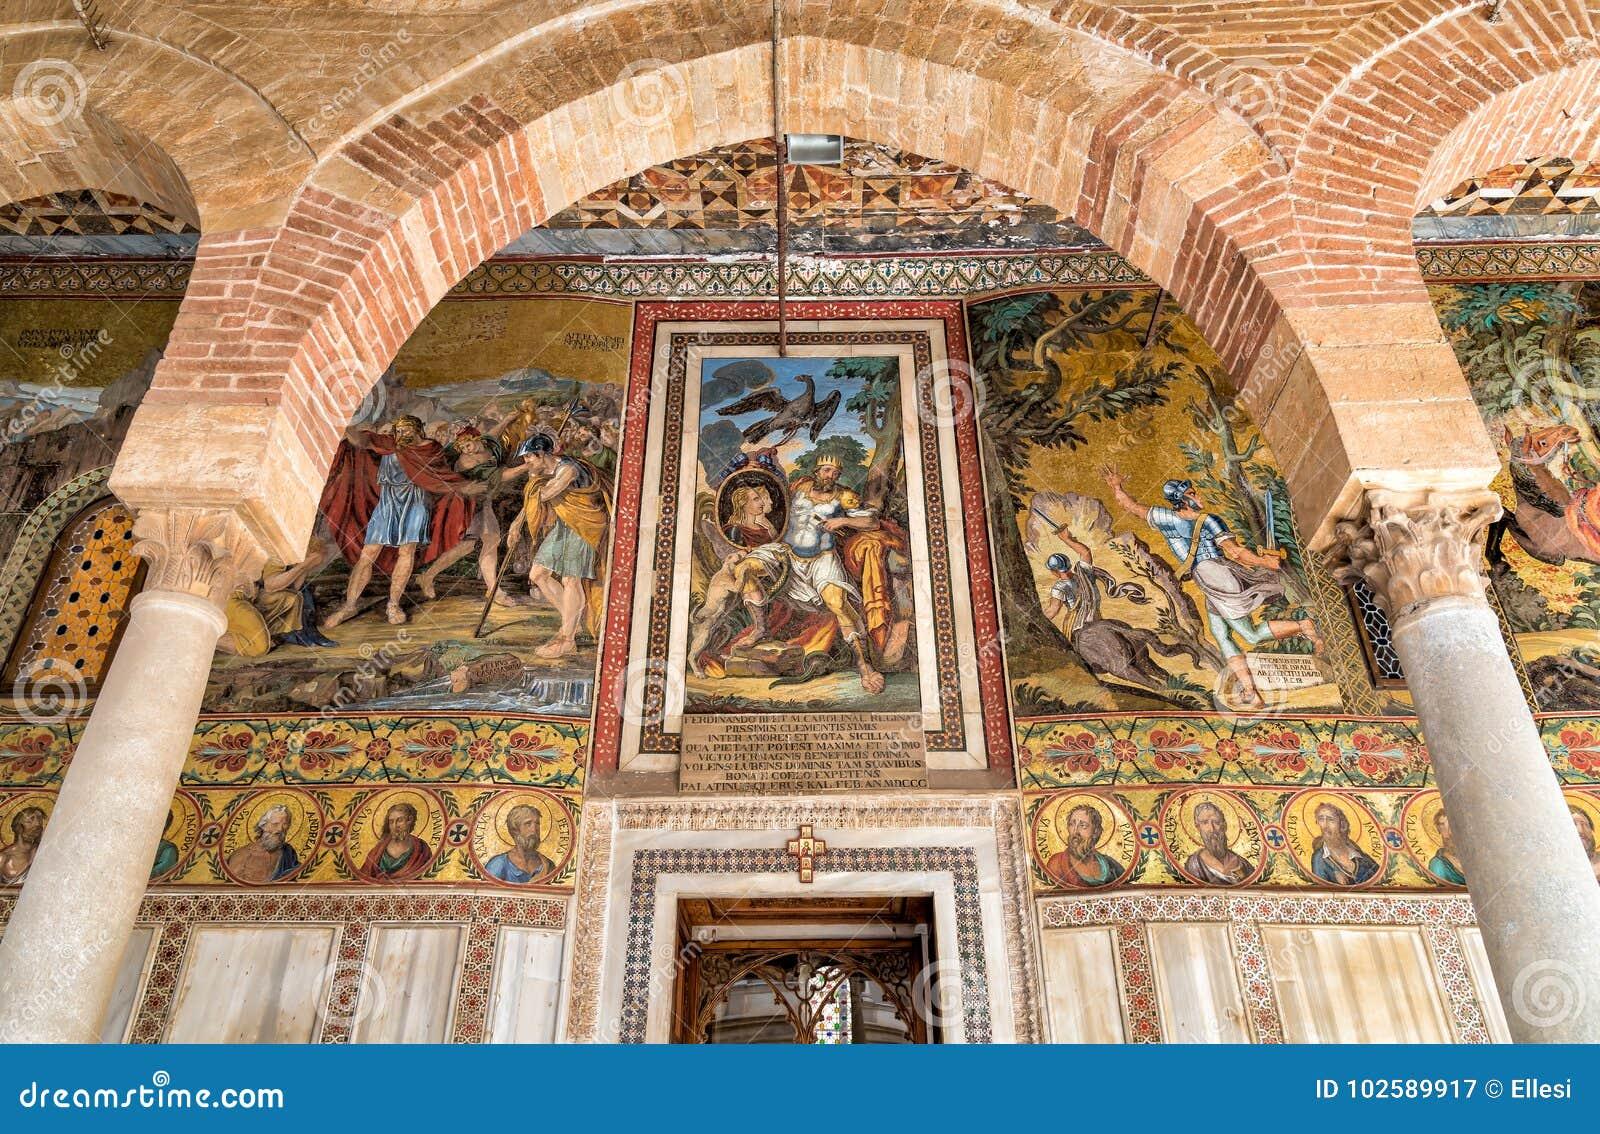 Διακόσμηση μωσαϊκών πέρα από την είσοδο στο υπερώιο παρεκκλησι της Royal Palace στο Παλέρμο